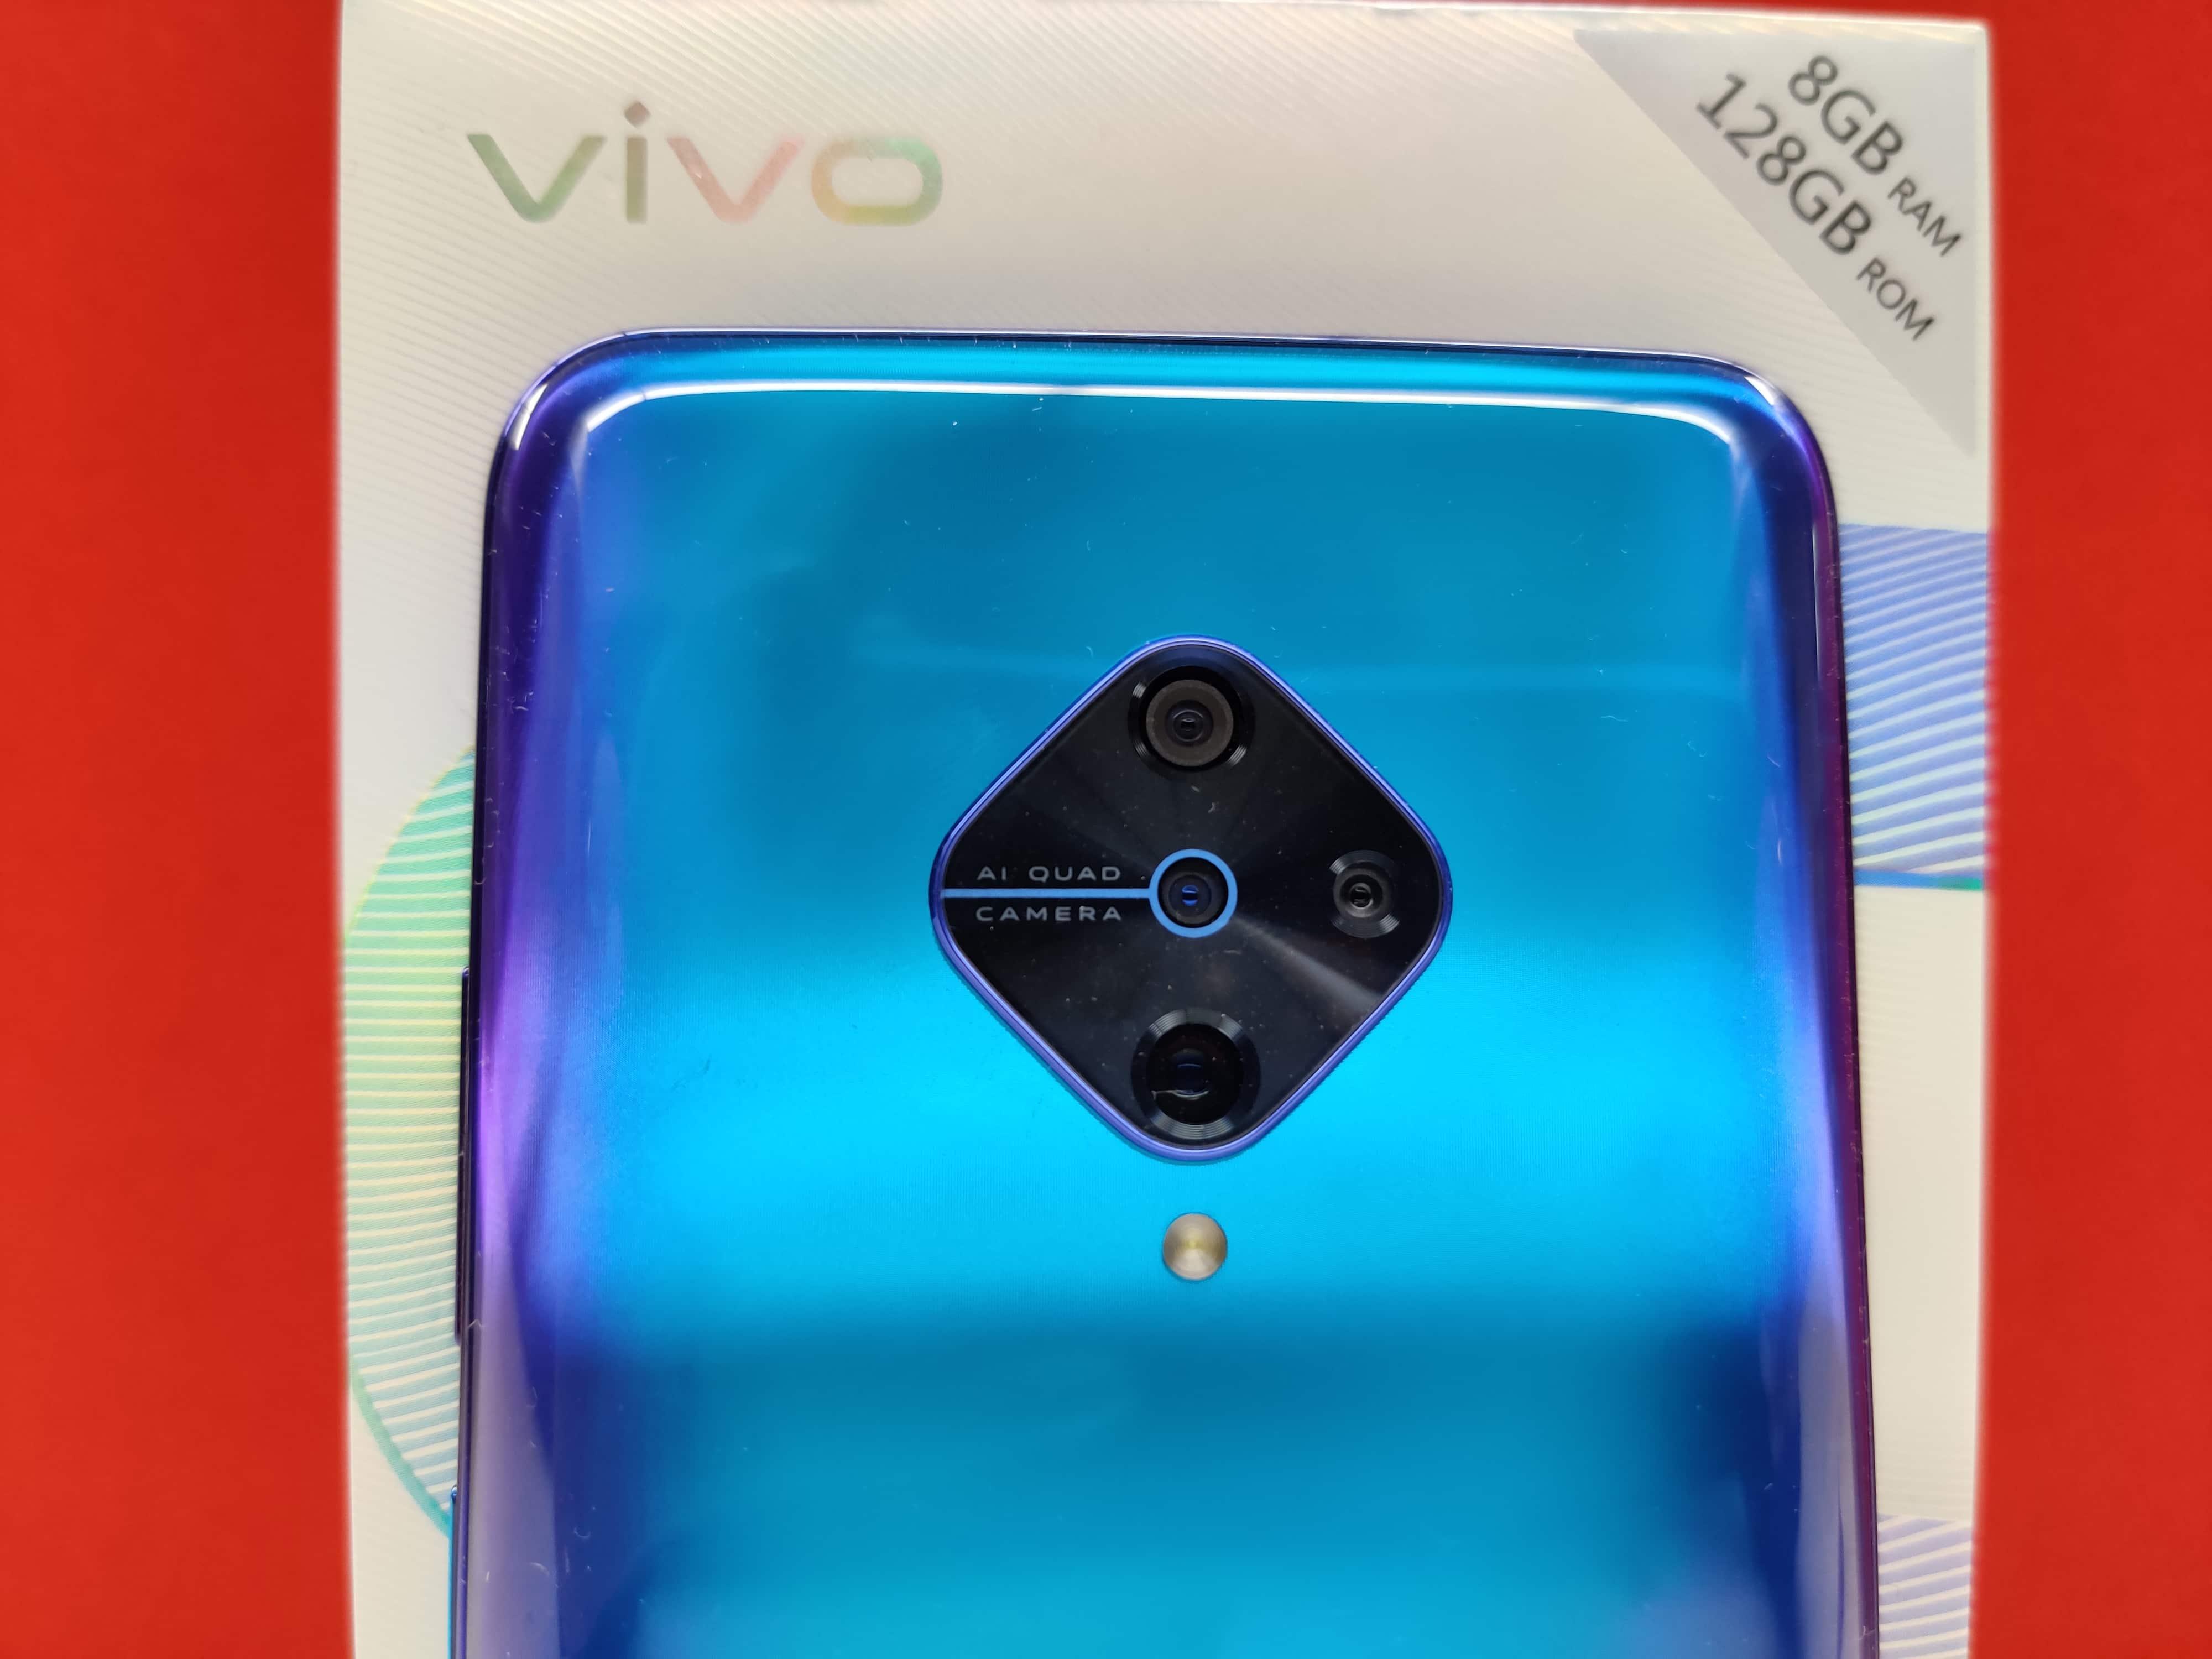 Vivo S1 Pro Rear Camera